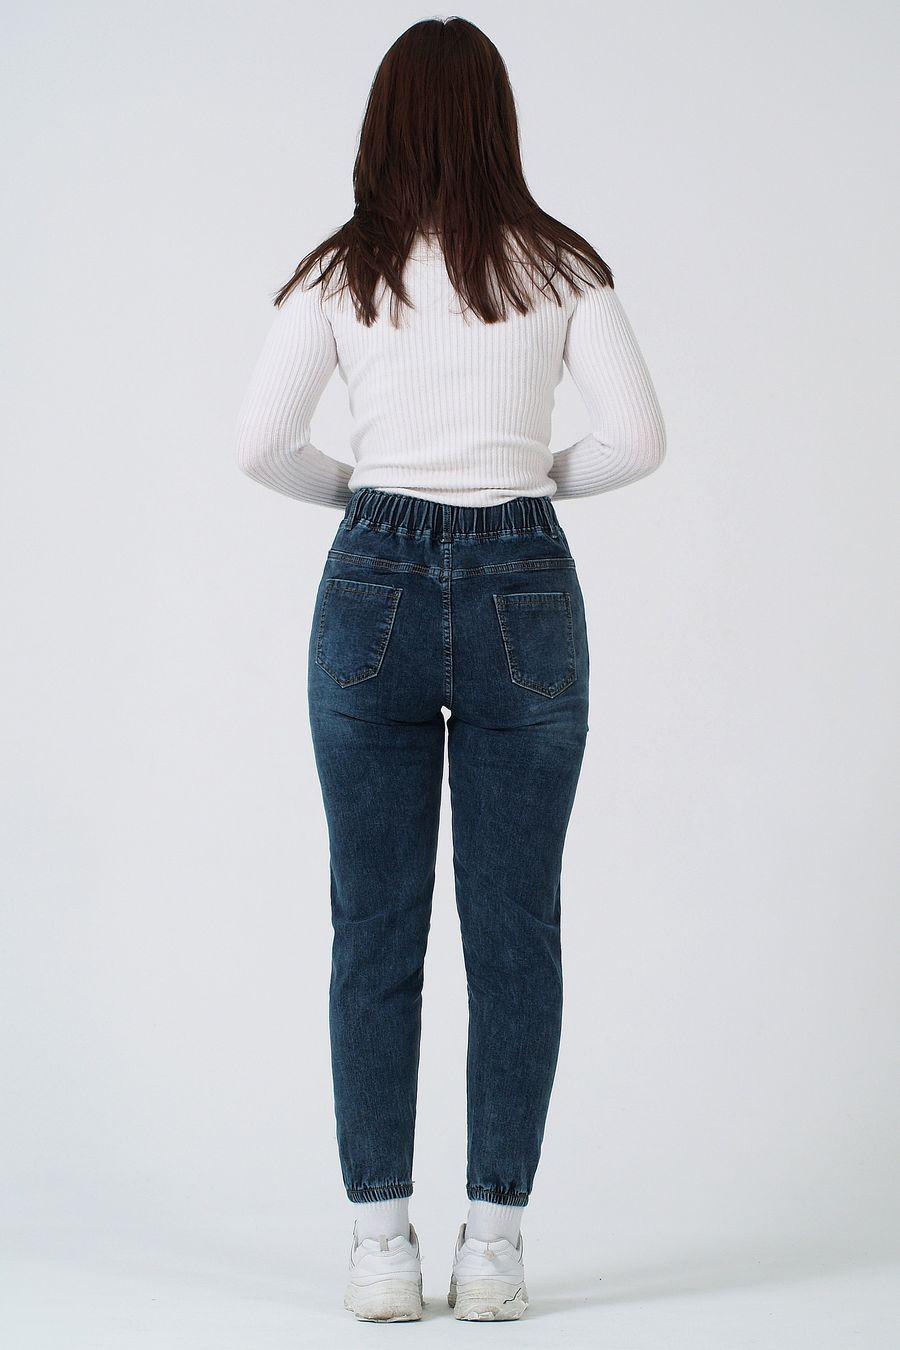 Джинсы женские K.Y Jeans 096 утепленные - фото 3